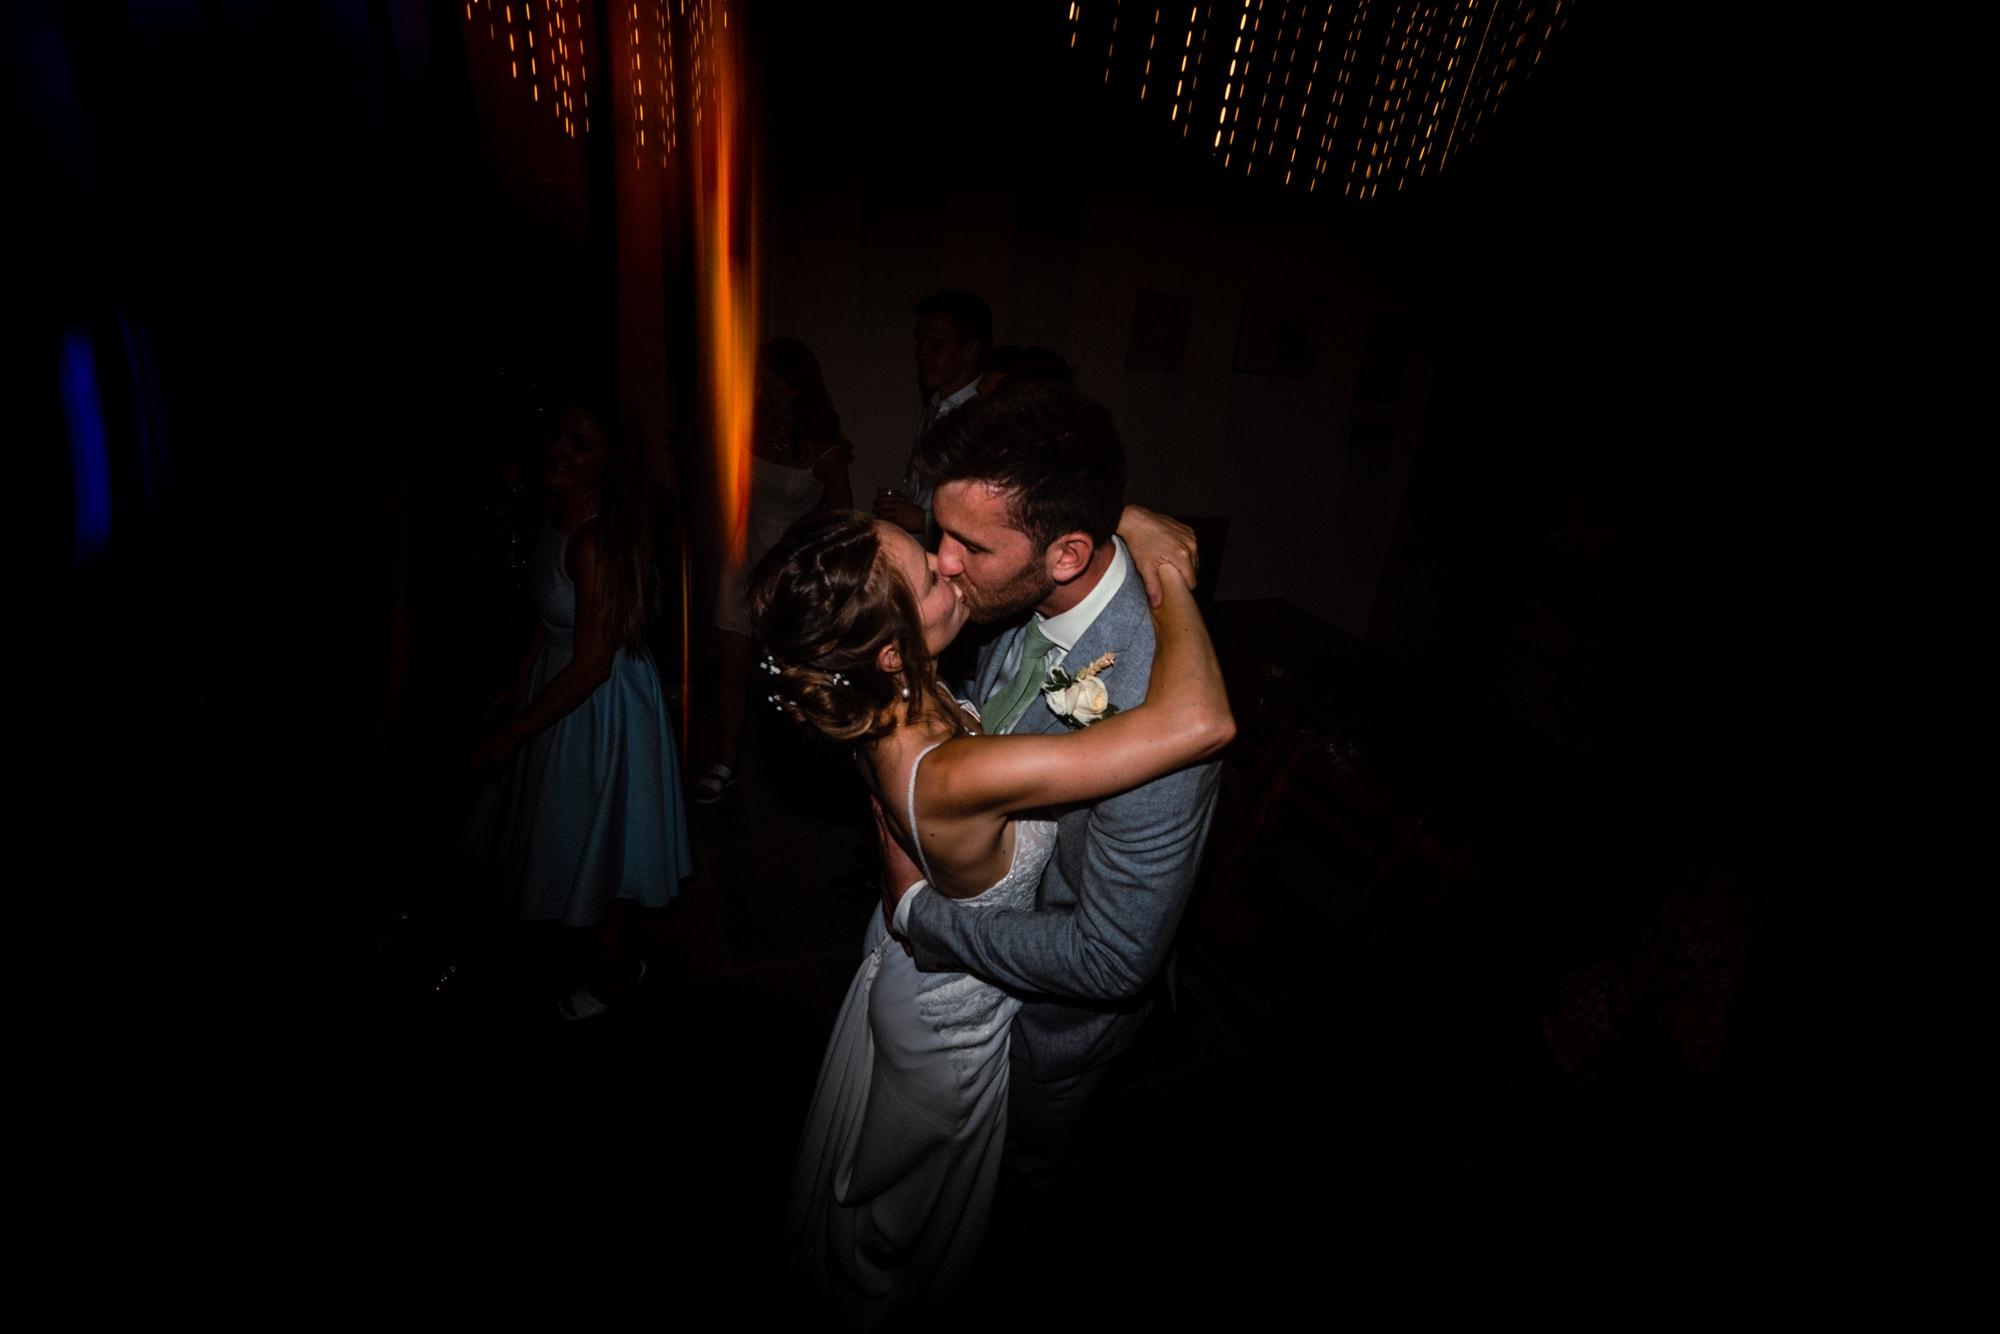 dorset wedding photography first dance